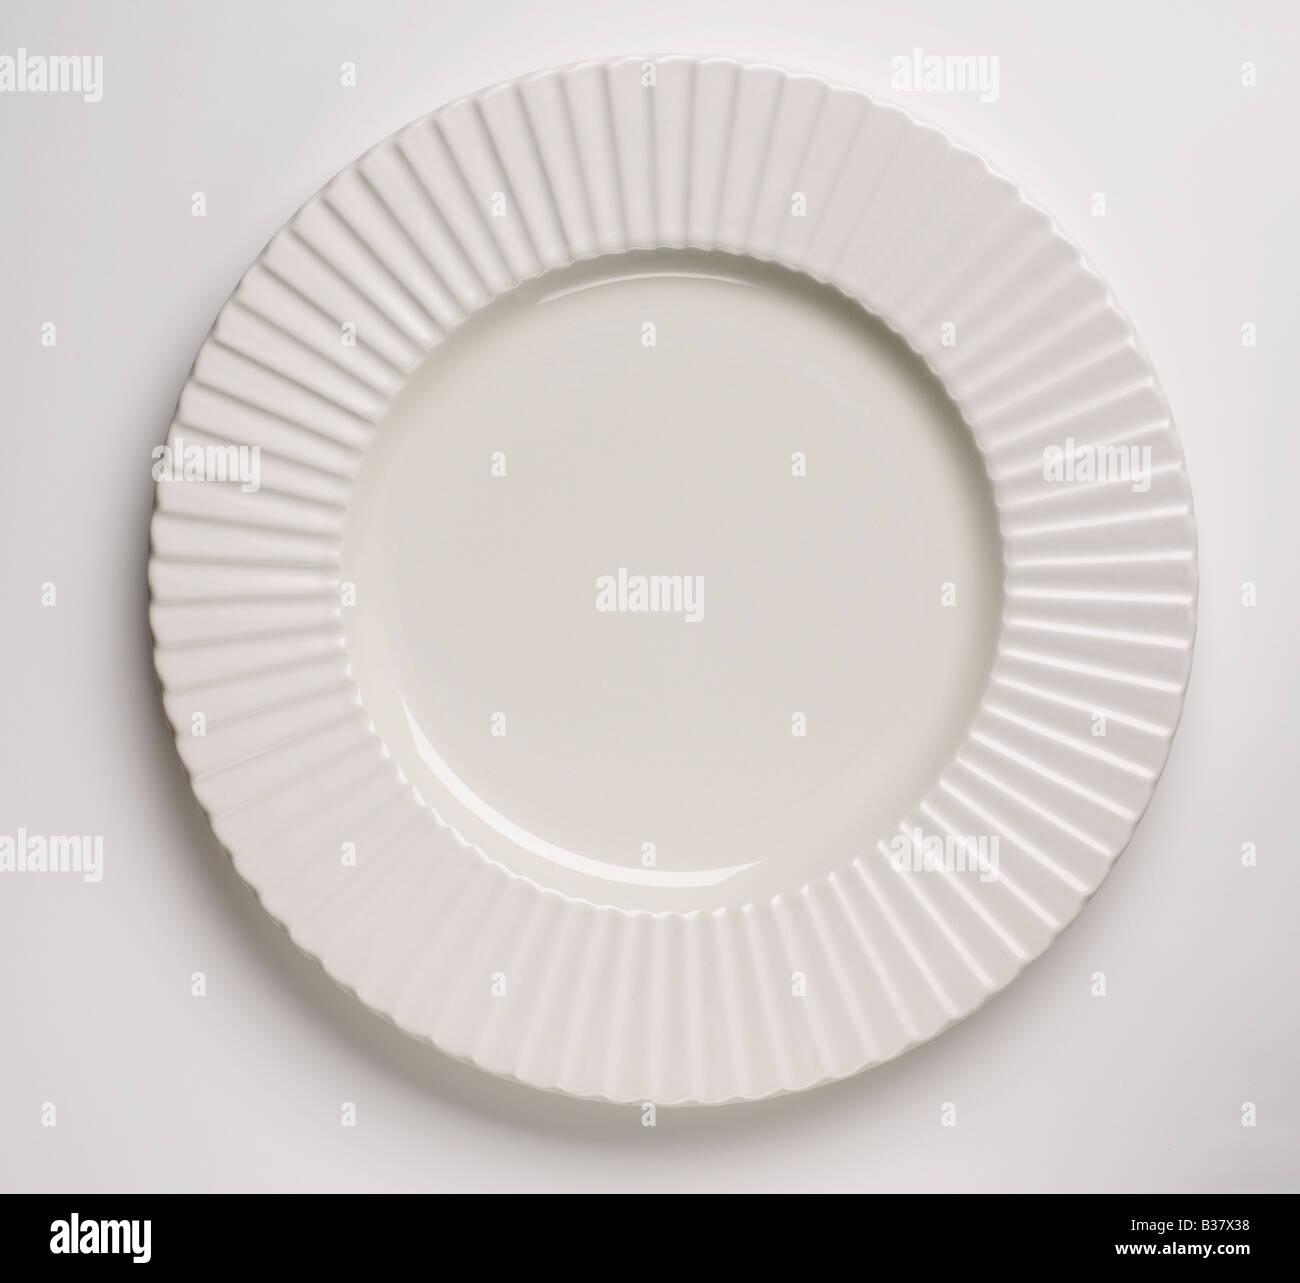 Dinner Plate - Stock Image